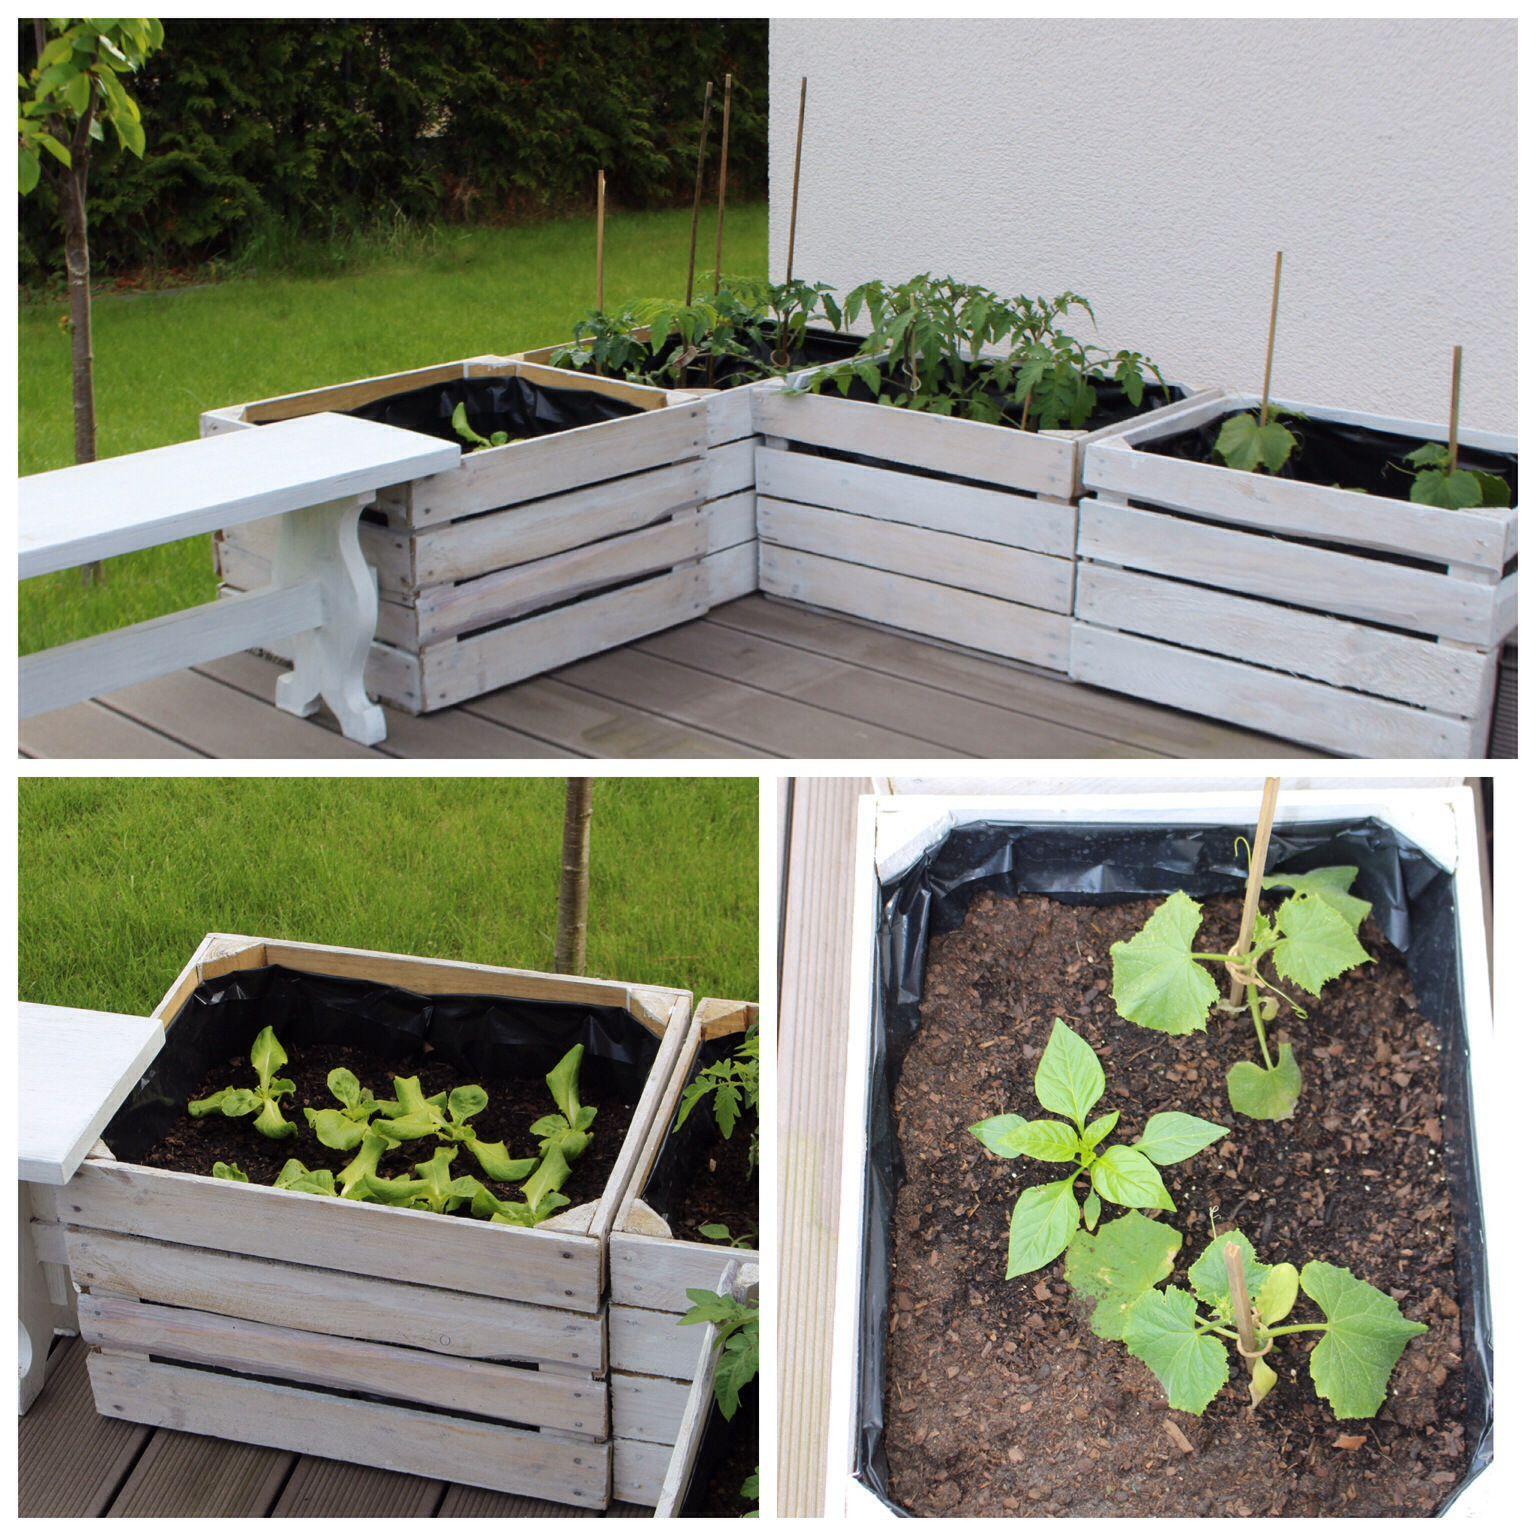 Alte Apfelkisten Hochbeet Gemüse Upcycling Garten